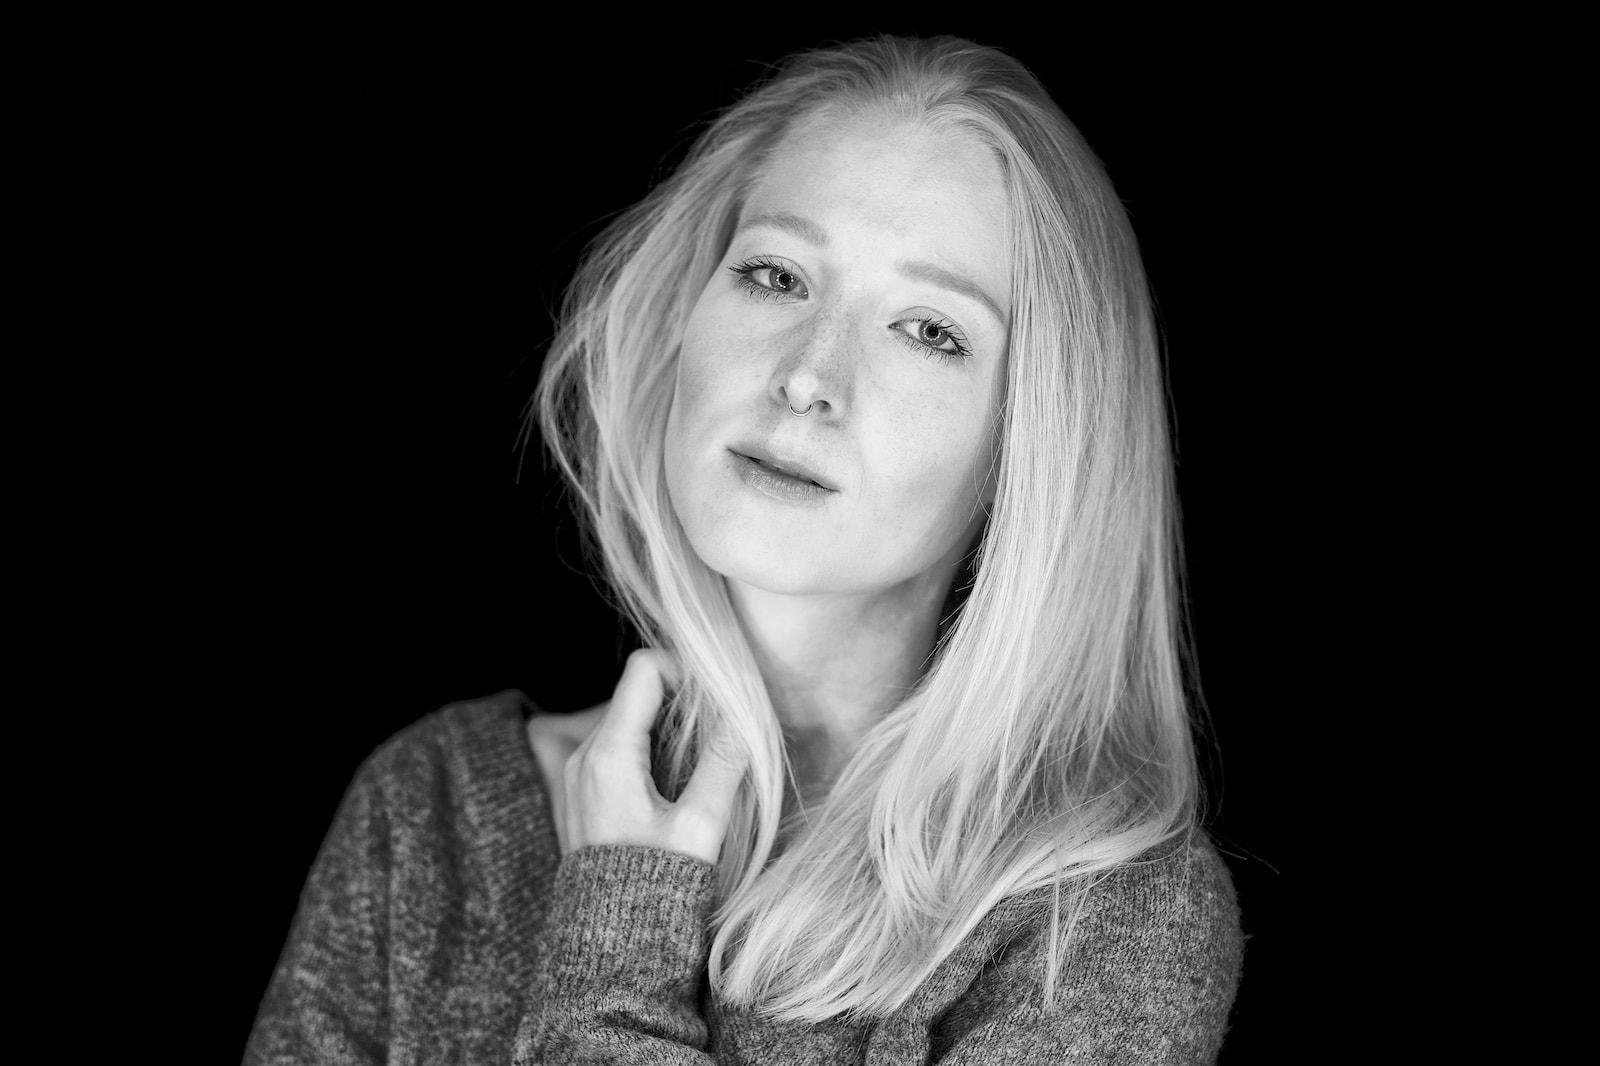 Denise Portrait in schwarz weiß